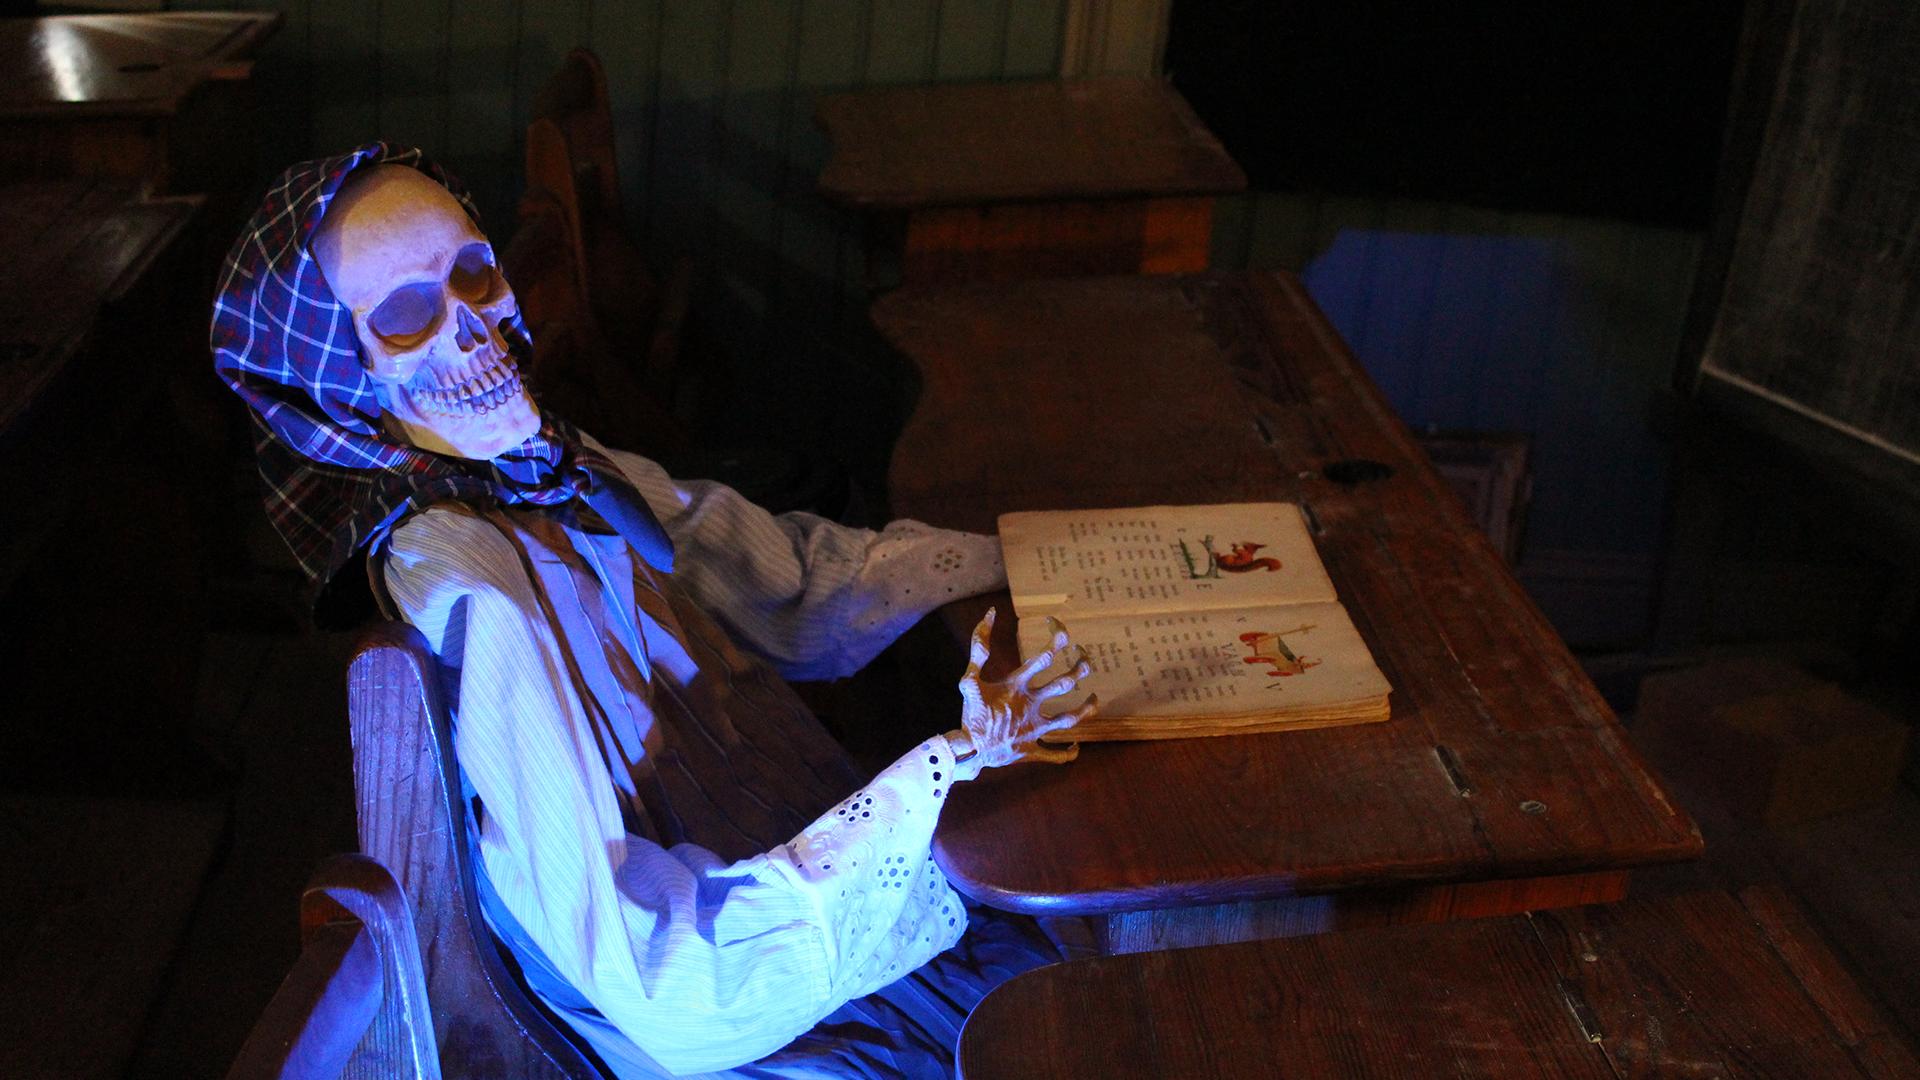 Skelet läser bok i mörkret. Pressbild